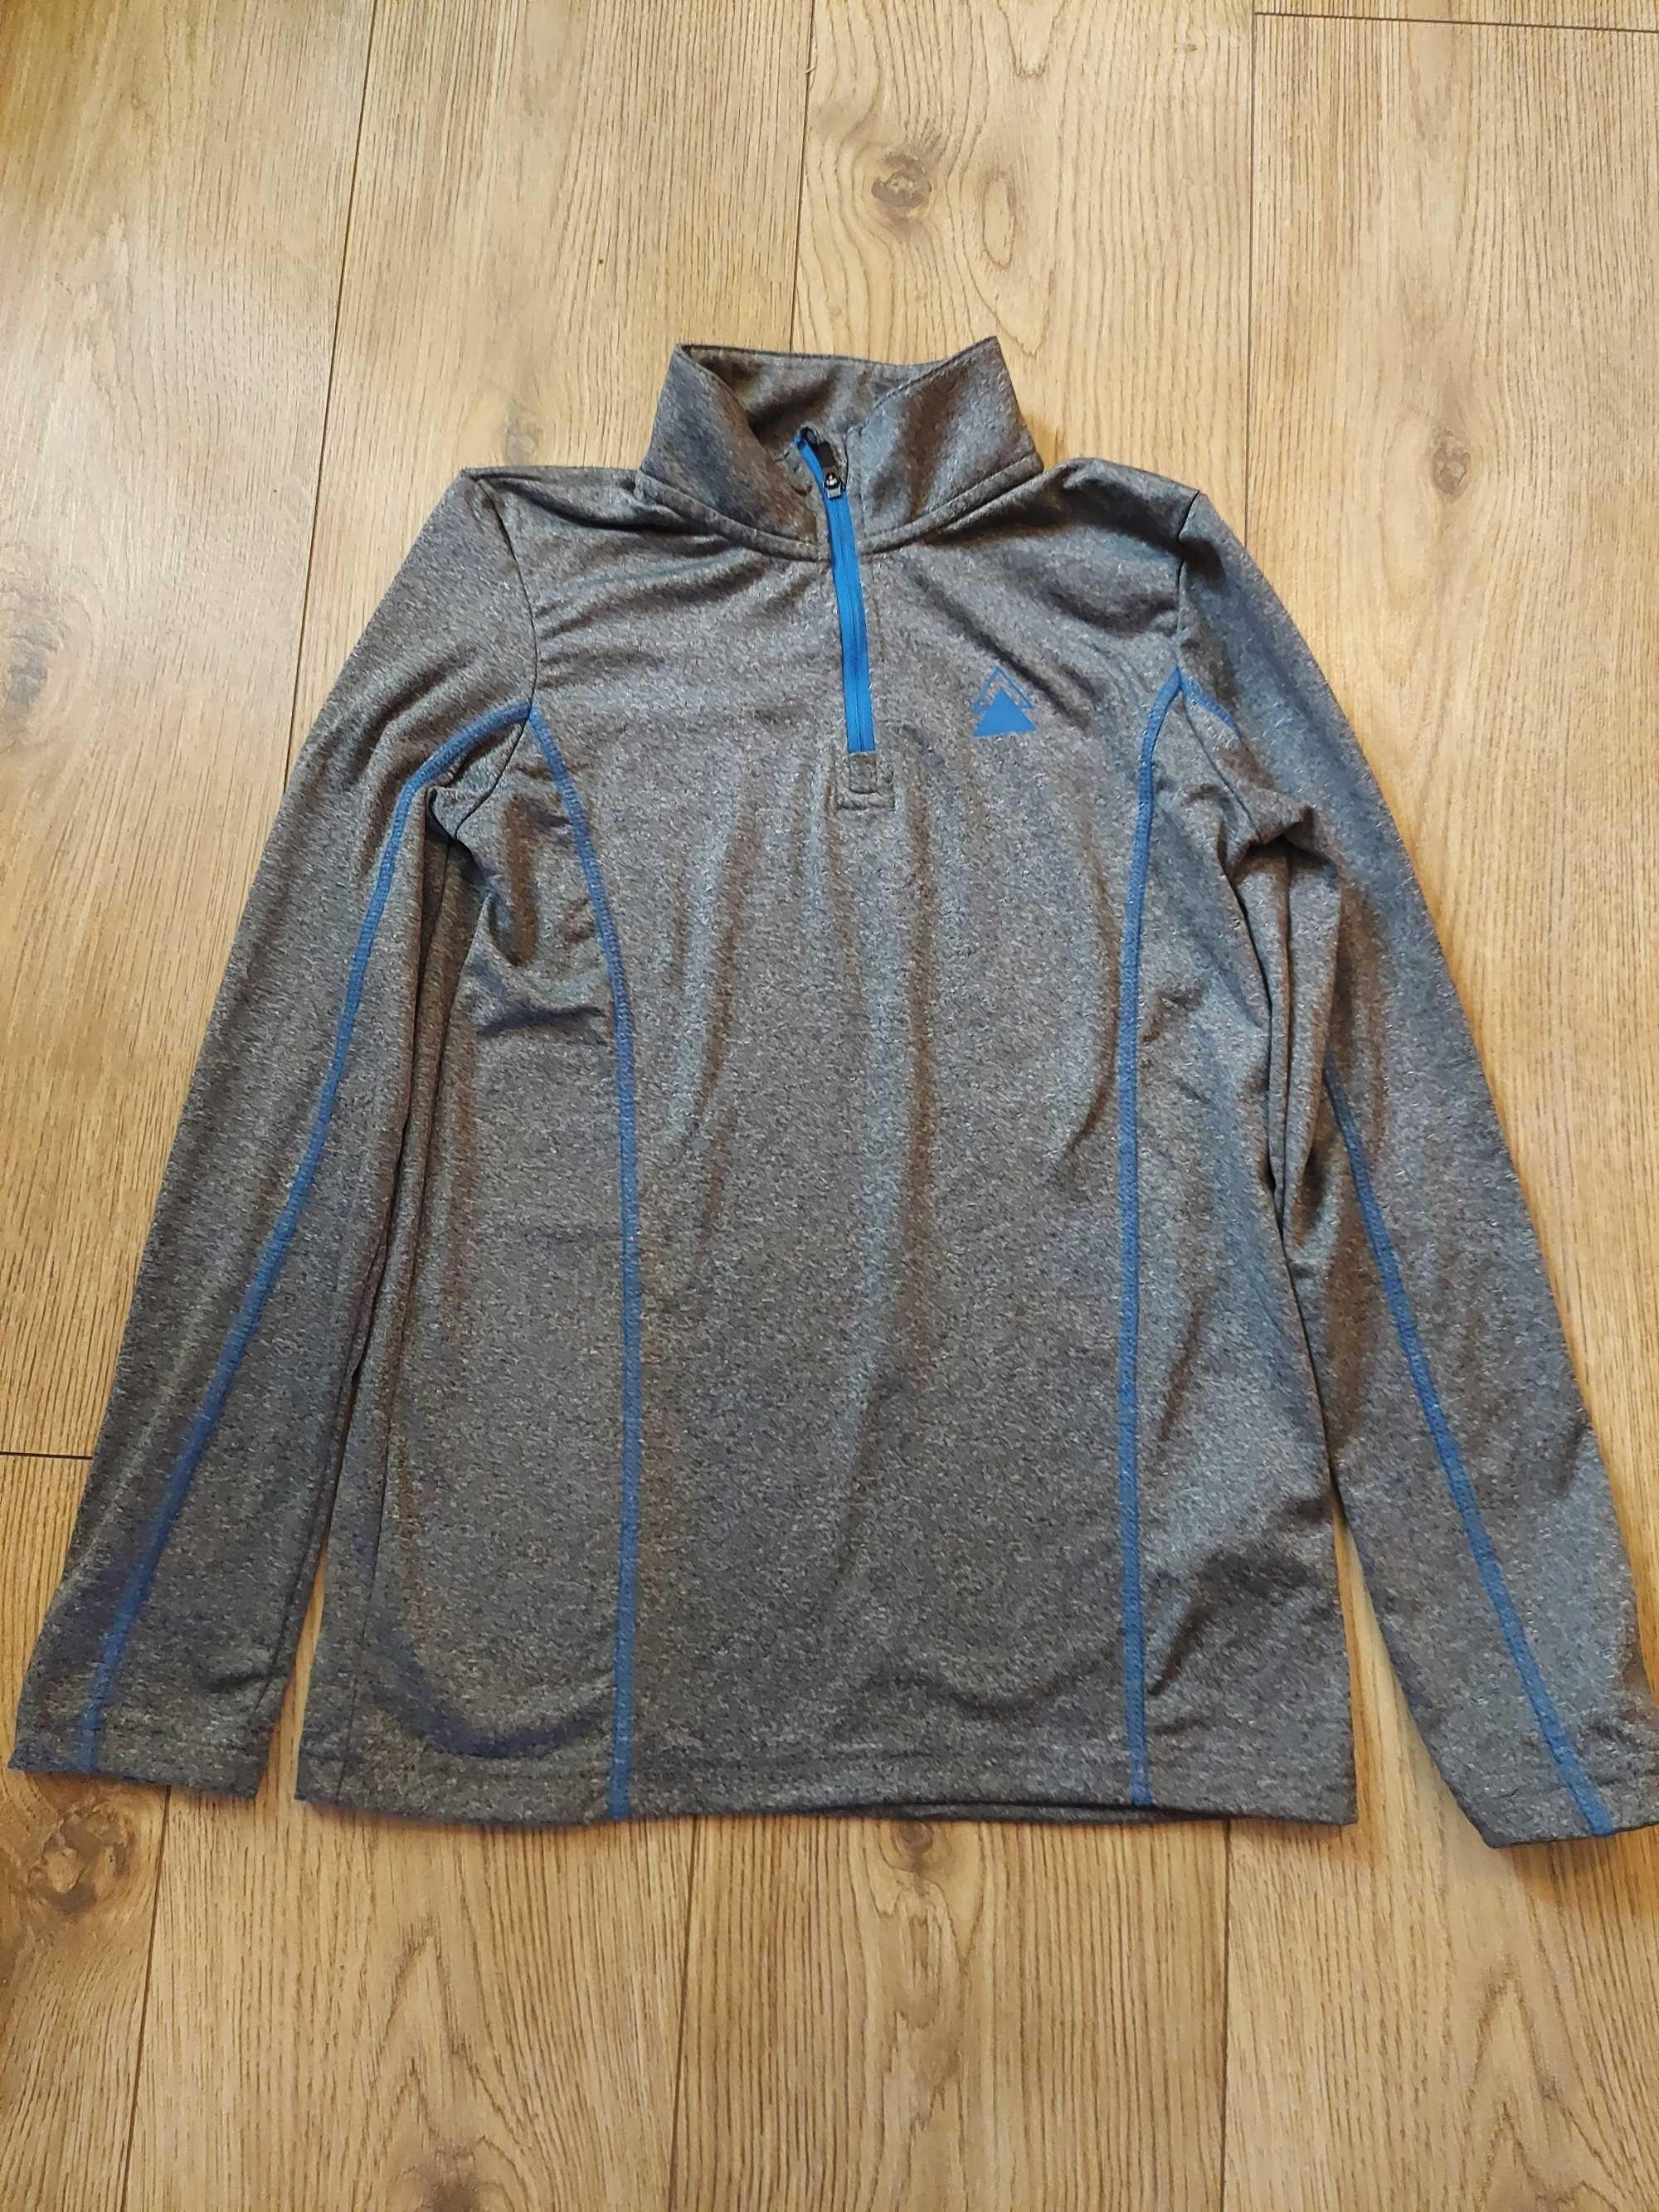 Bluzka, 3 bluzki chłopięce, 134 cm Cool Club używane